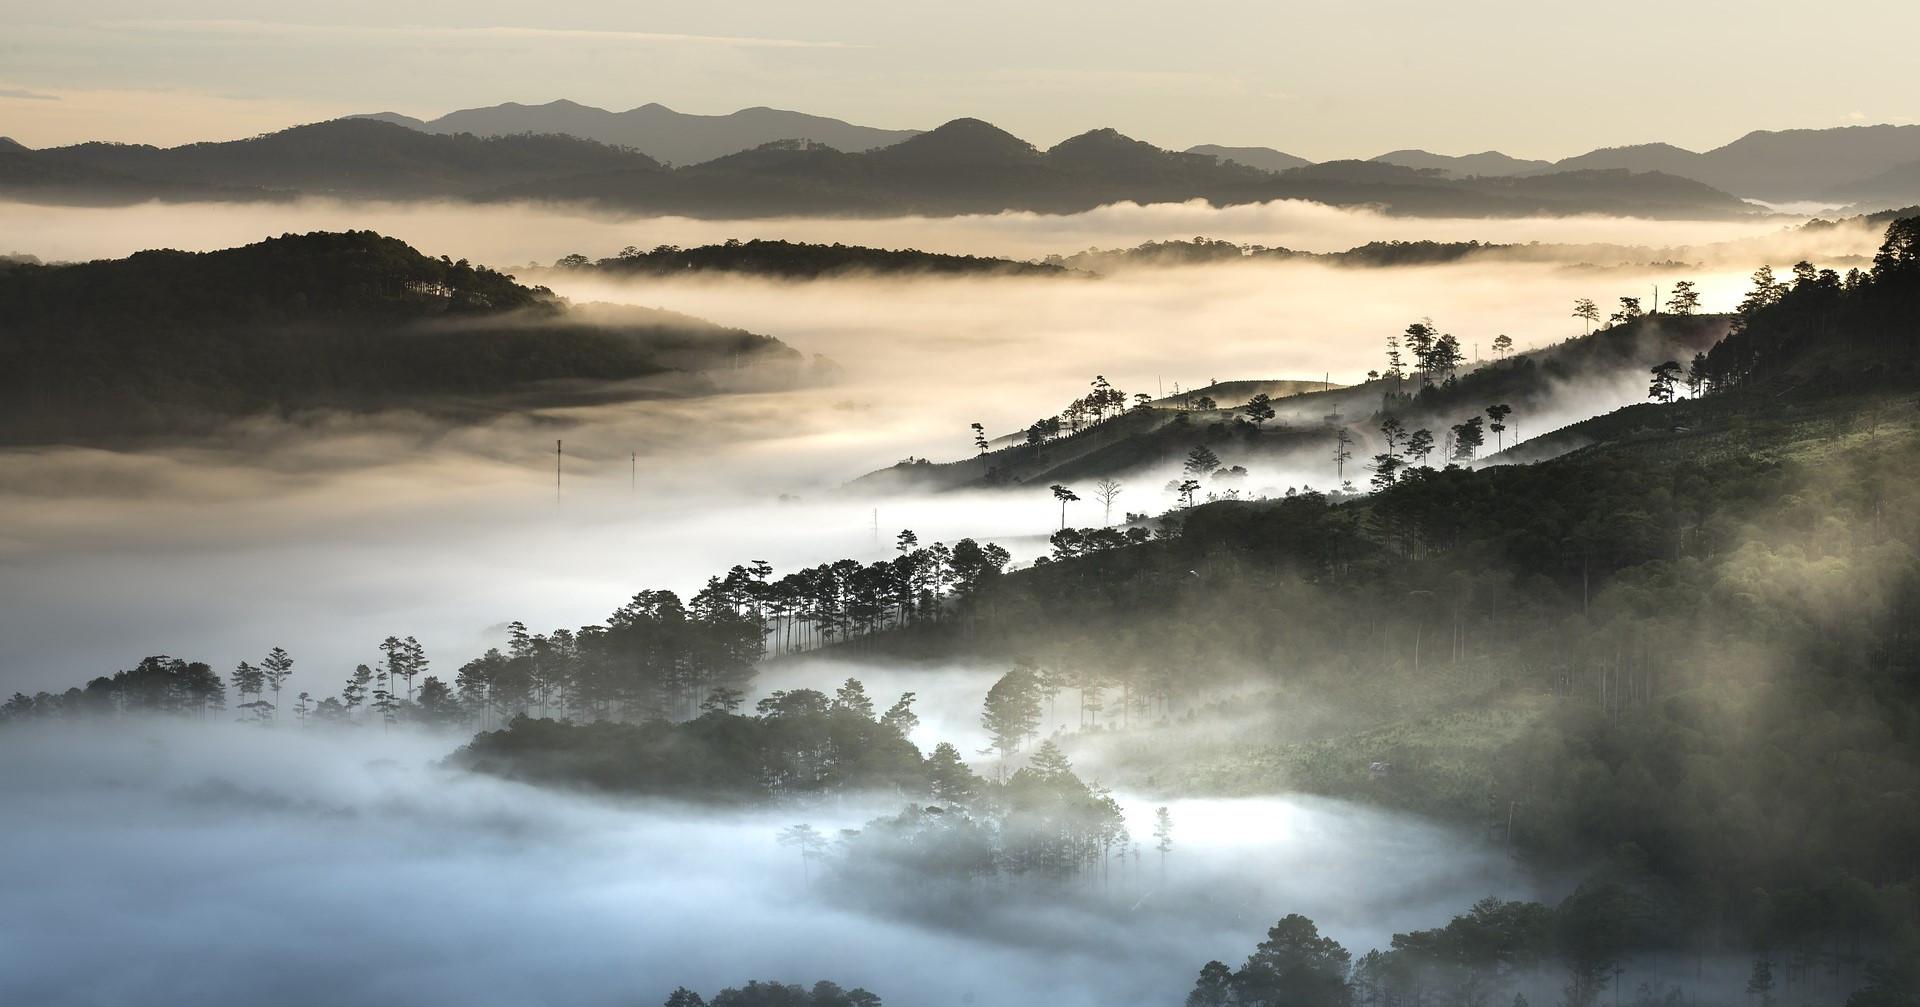 dalat-mountain-in-the-cloud-1